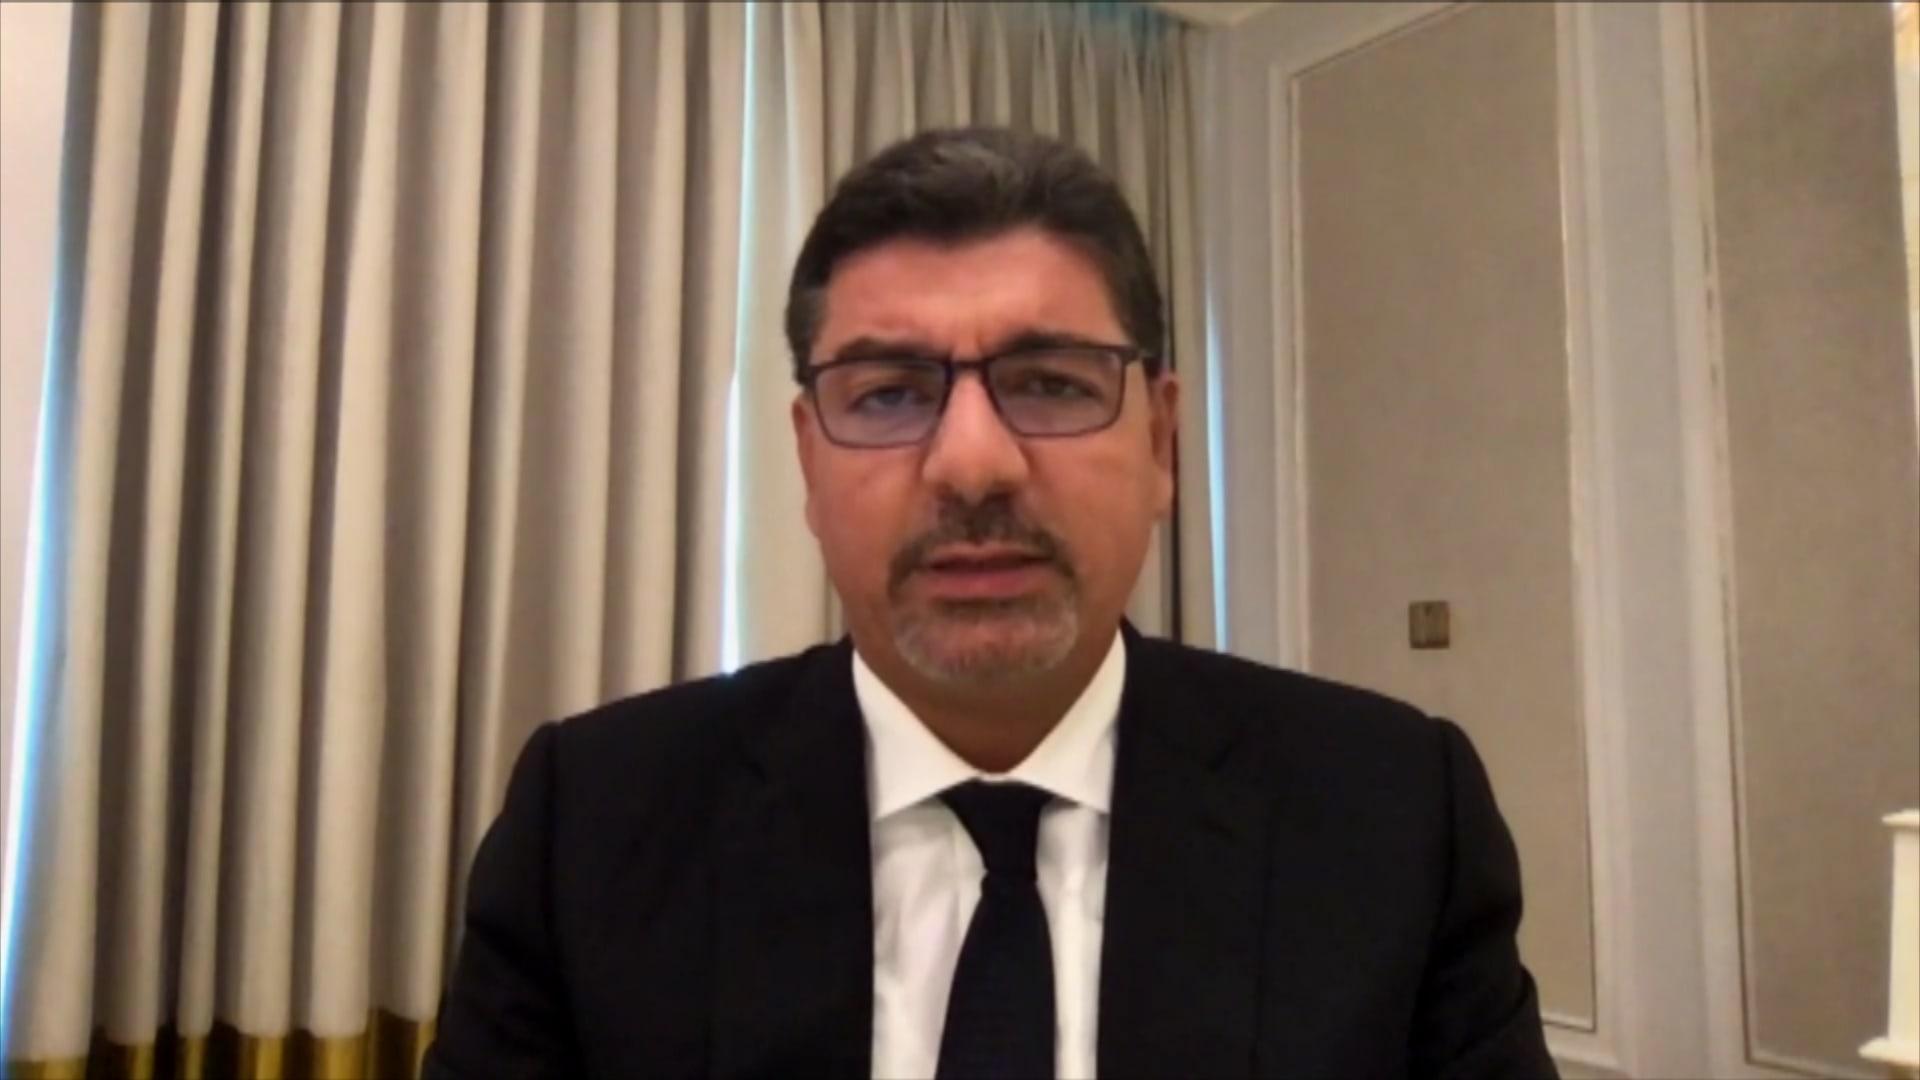 بهاء الحريري يتحدث لـCNN عن مدى رضاه بمحاكمة اغتيال والده